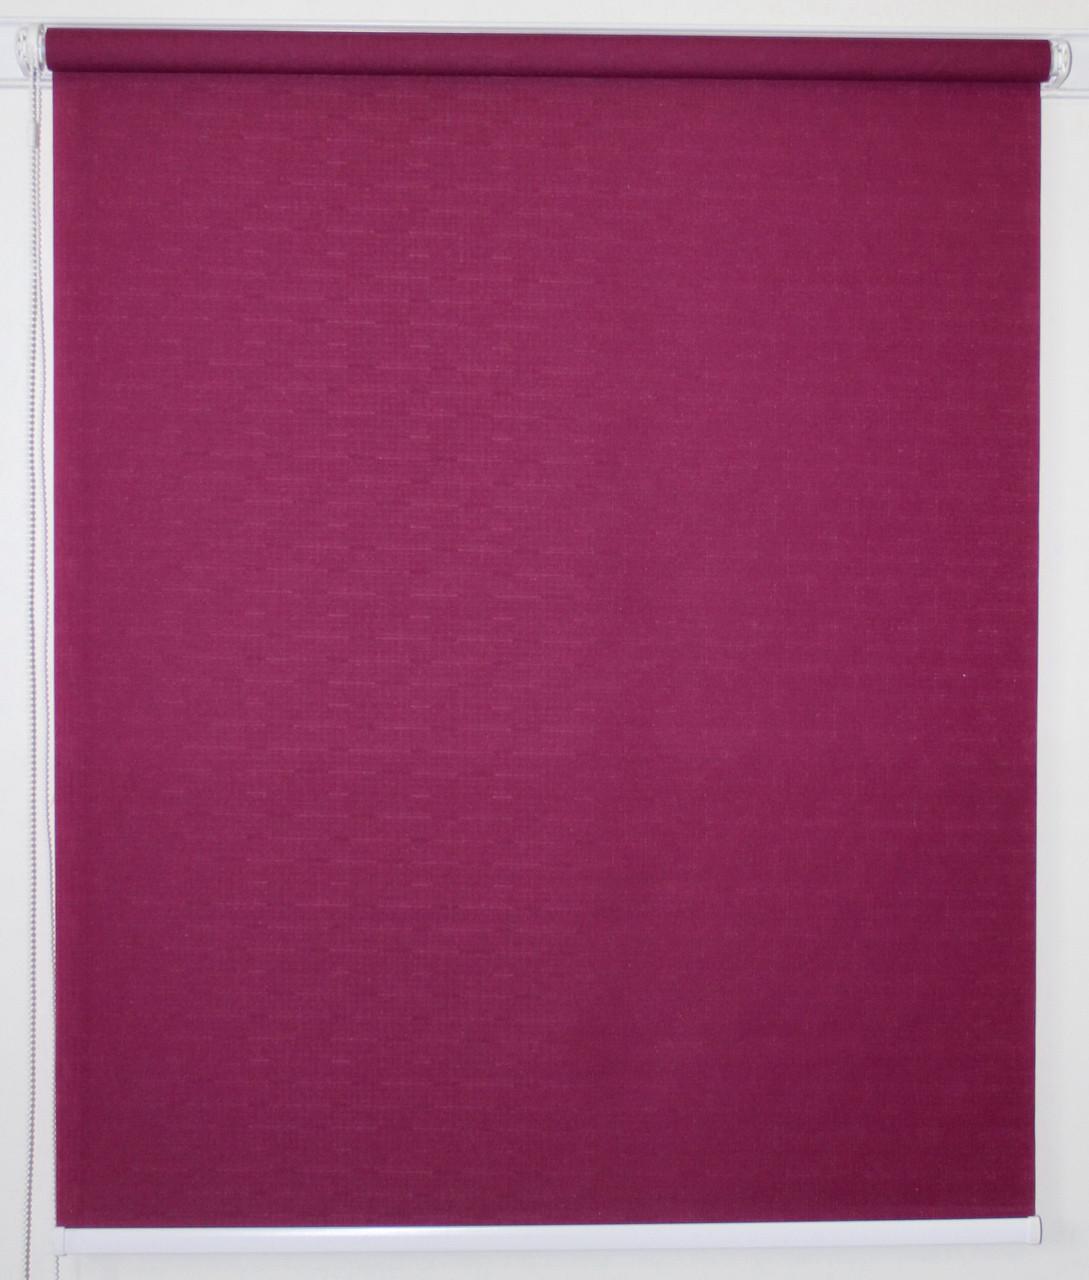 Рулонная штора 725*1500 Ткань Лён 7446 Пурпурно-красный